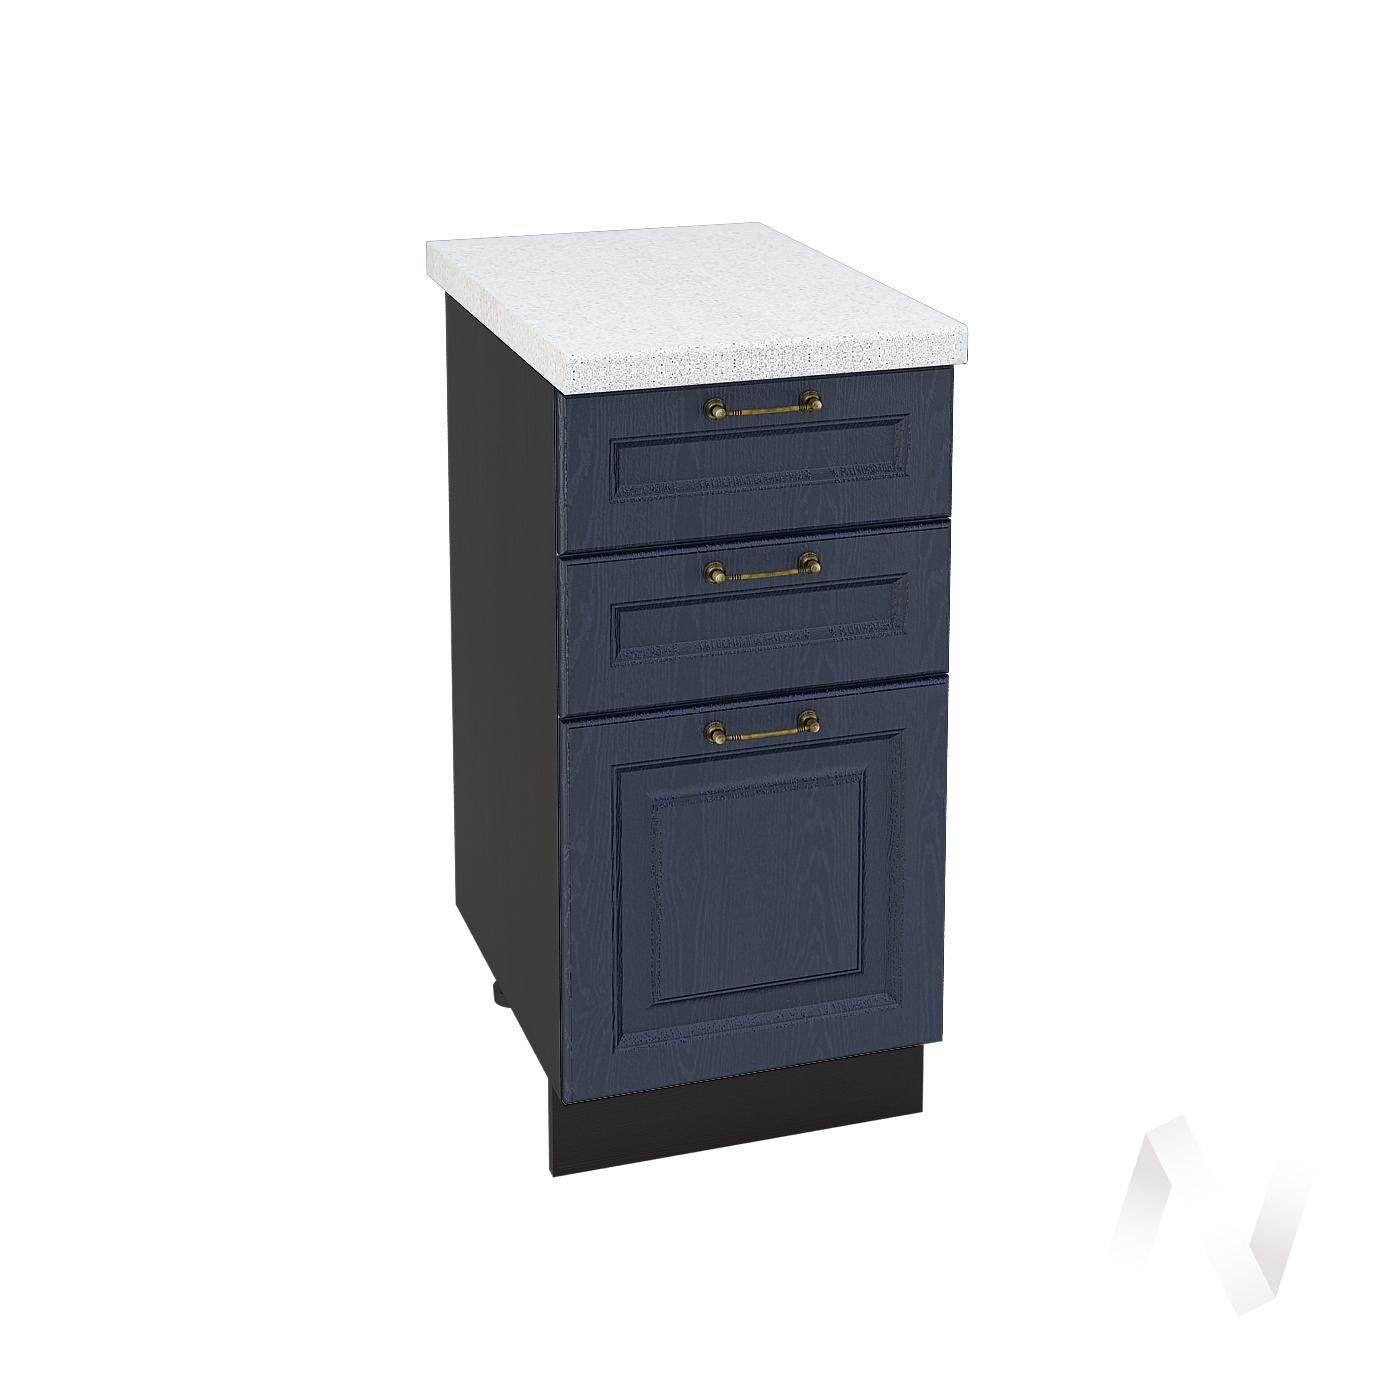 """Кухня """"Ницца"""": Шкаф нижний с 3-мя ящиками 400, ШН3Я 400 (Дуб чернильный/корпус венге)"""